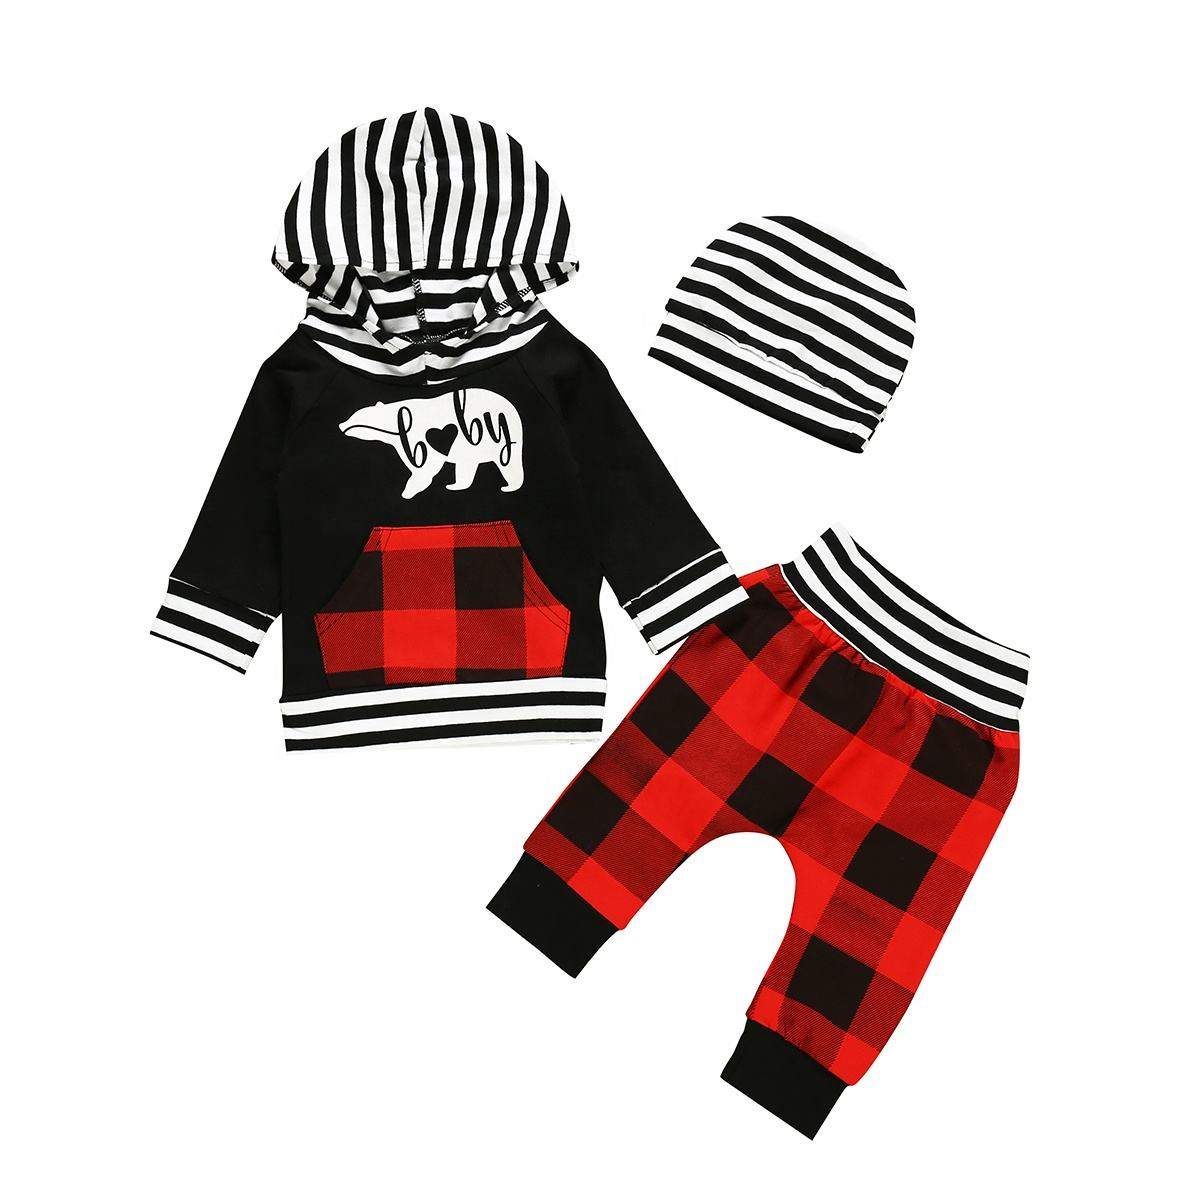 Новорожденный ребенок повседневная одежда толстовка комплект для маленьких <span class=keywords><strong>мальчик</strong></span>ов одежда <span class=keywords><strong>18</strong></span> <span class=keywords><strong>месяцев</strong></span>